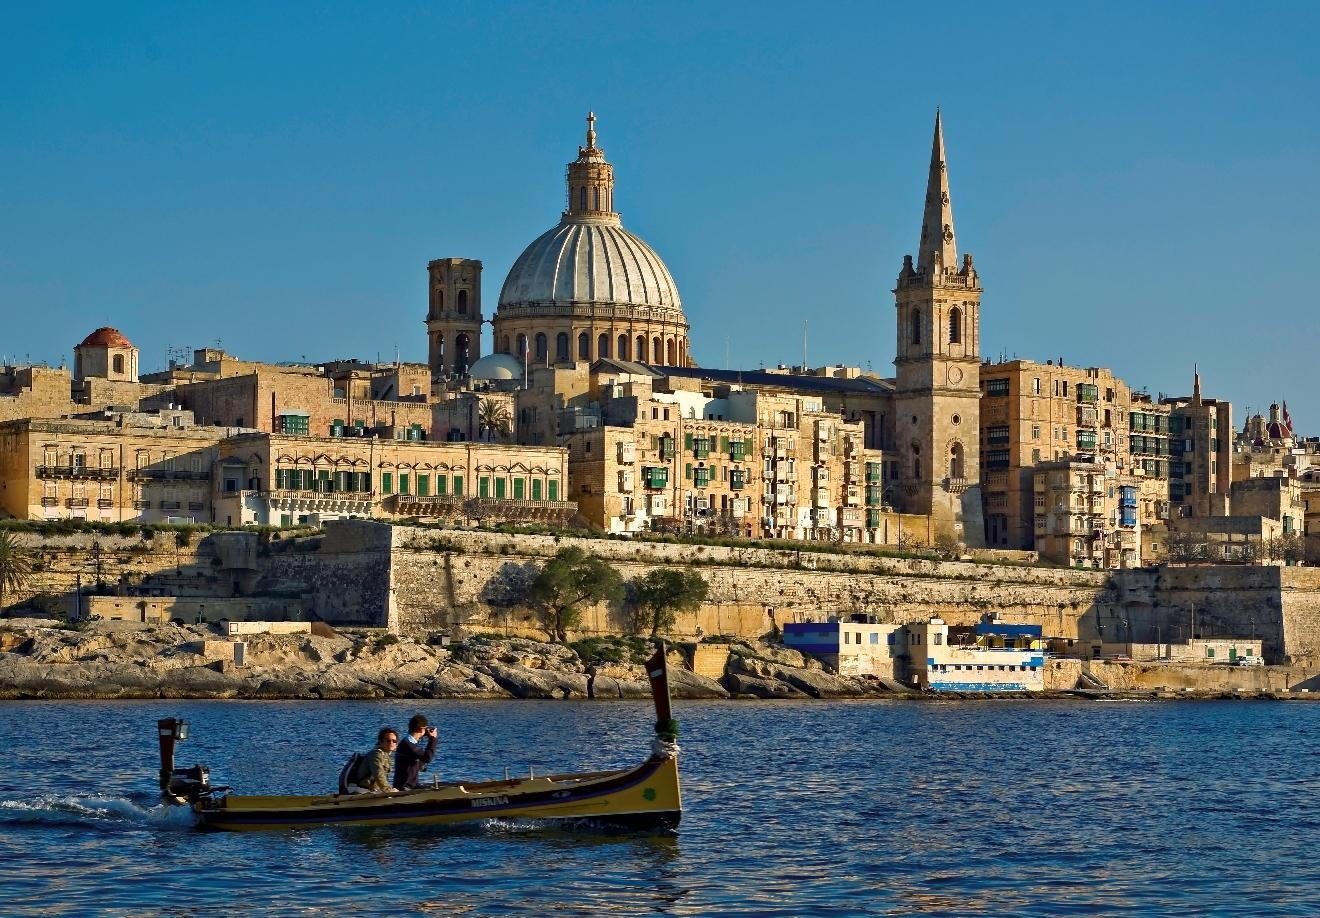 Định cư ở Malta chi phí thế nào